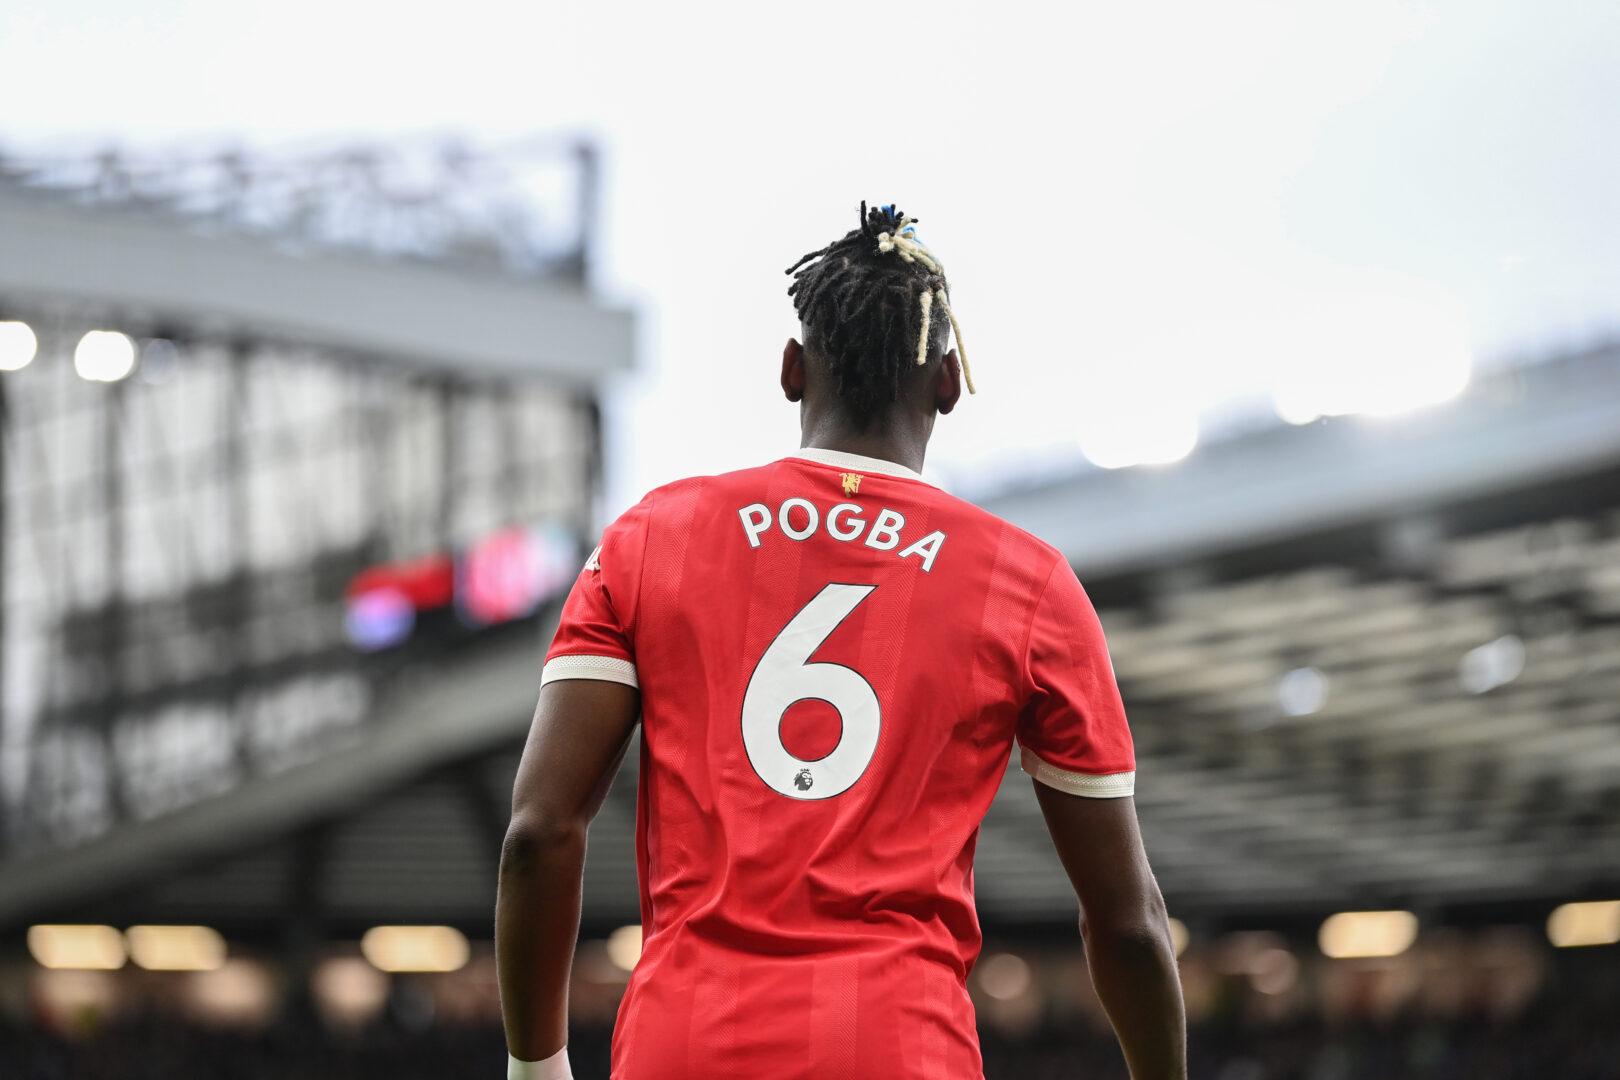 Paul Pogba von hinten fotografiert, man sieht seinen Namen auf dem Rücken seines Trikots